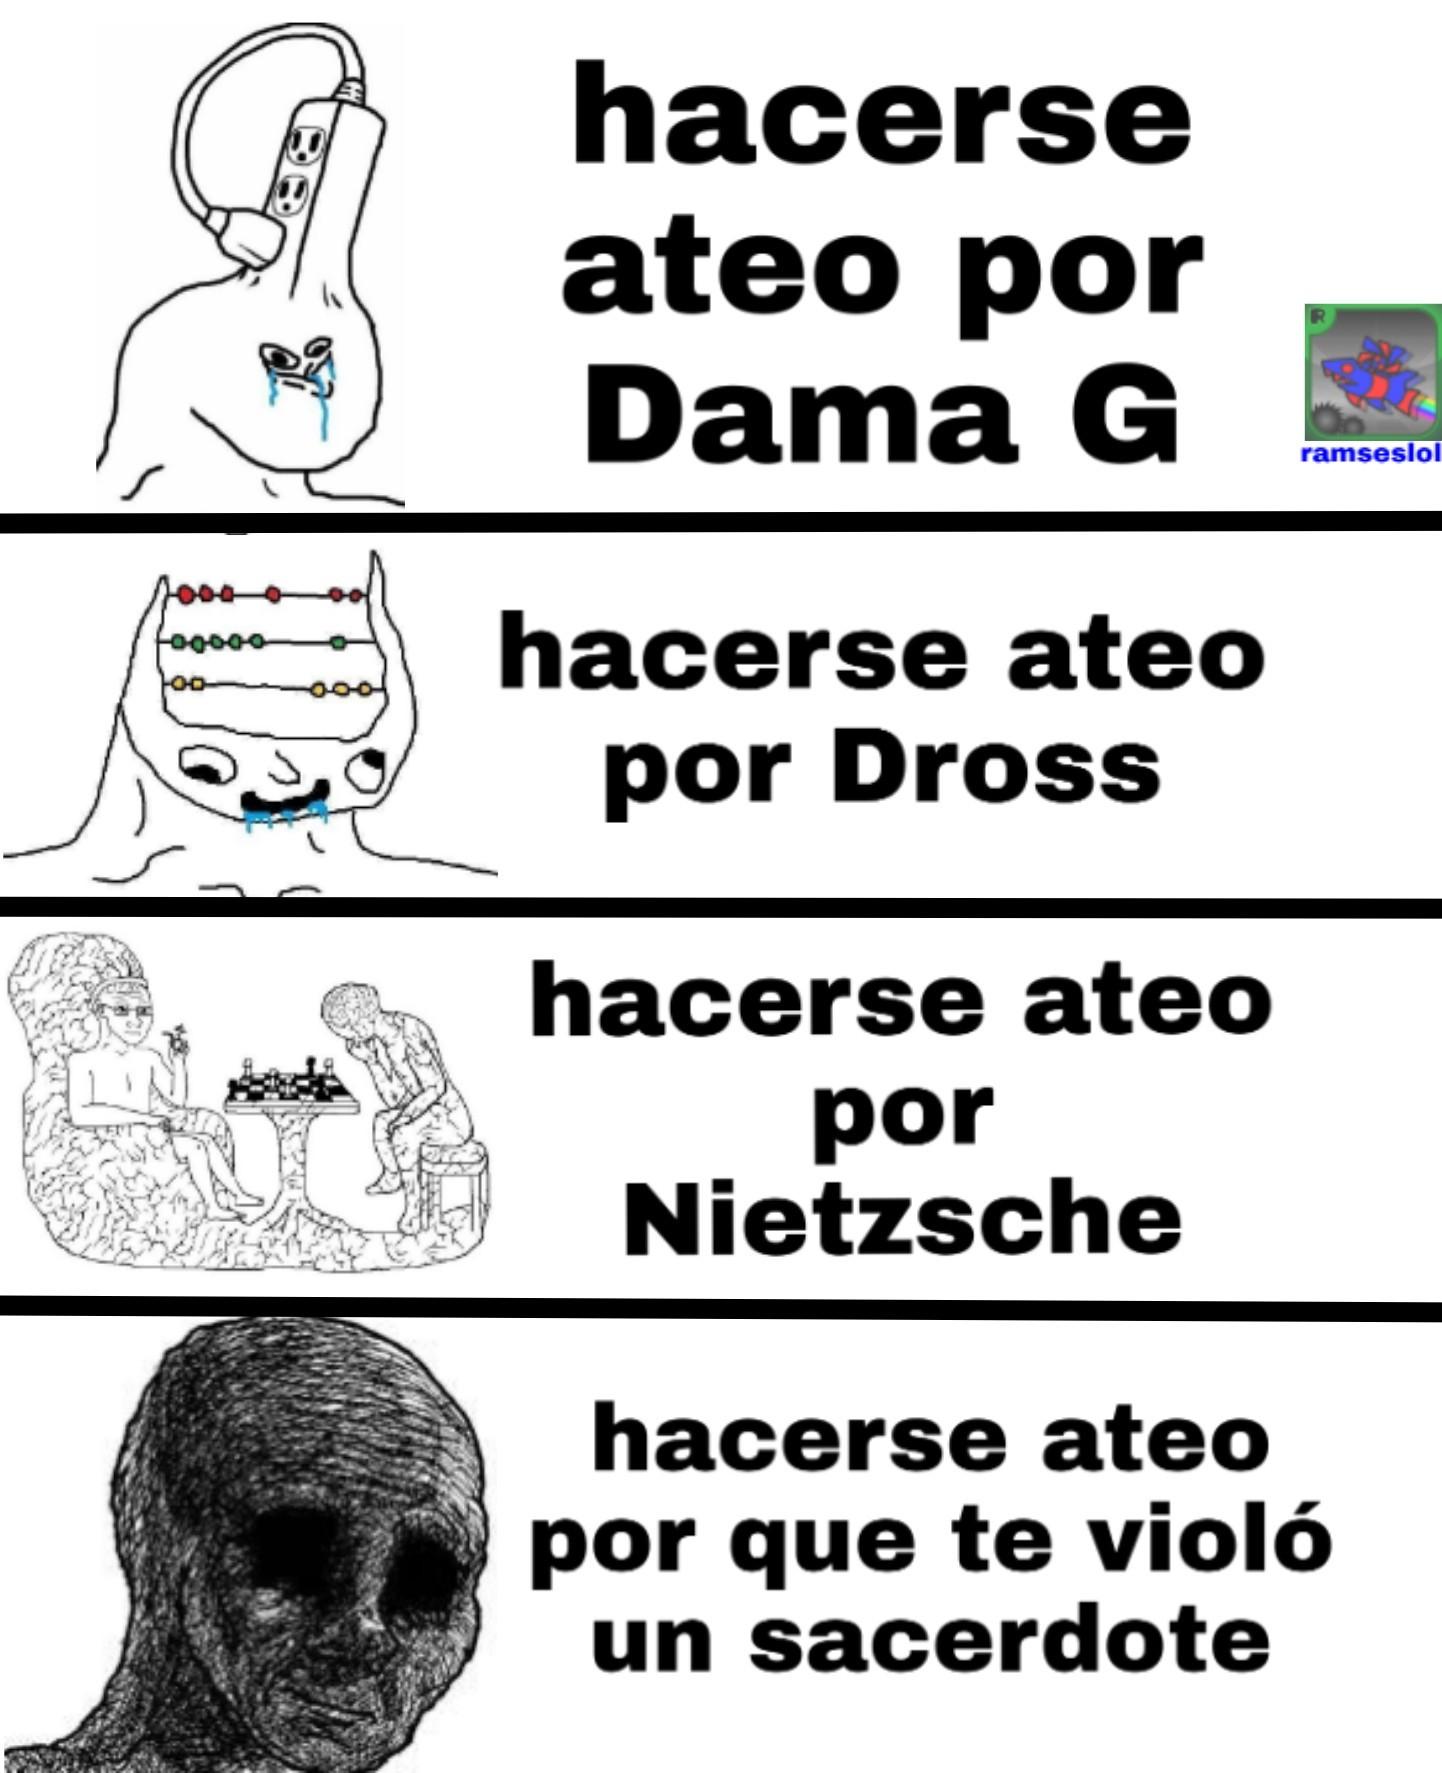 Viva Cristo Rey 8) - meme